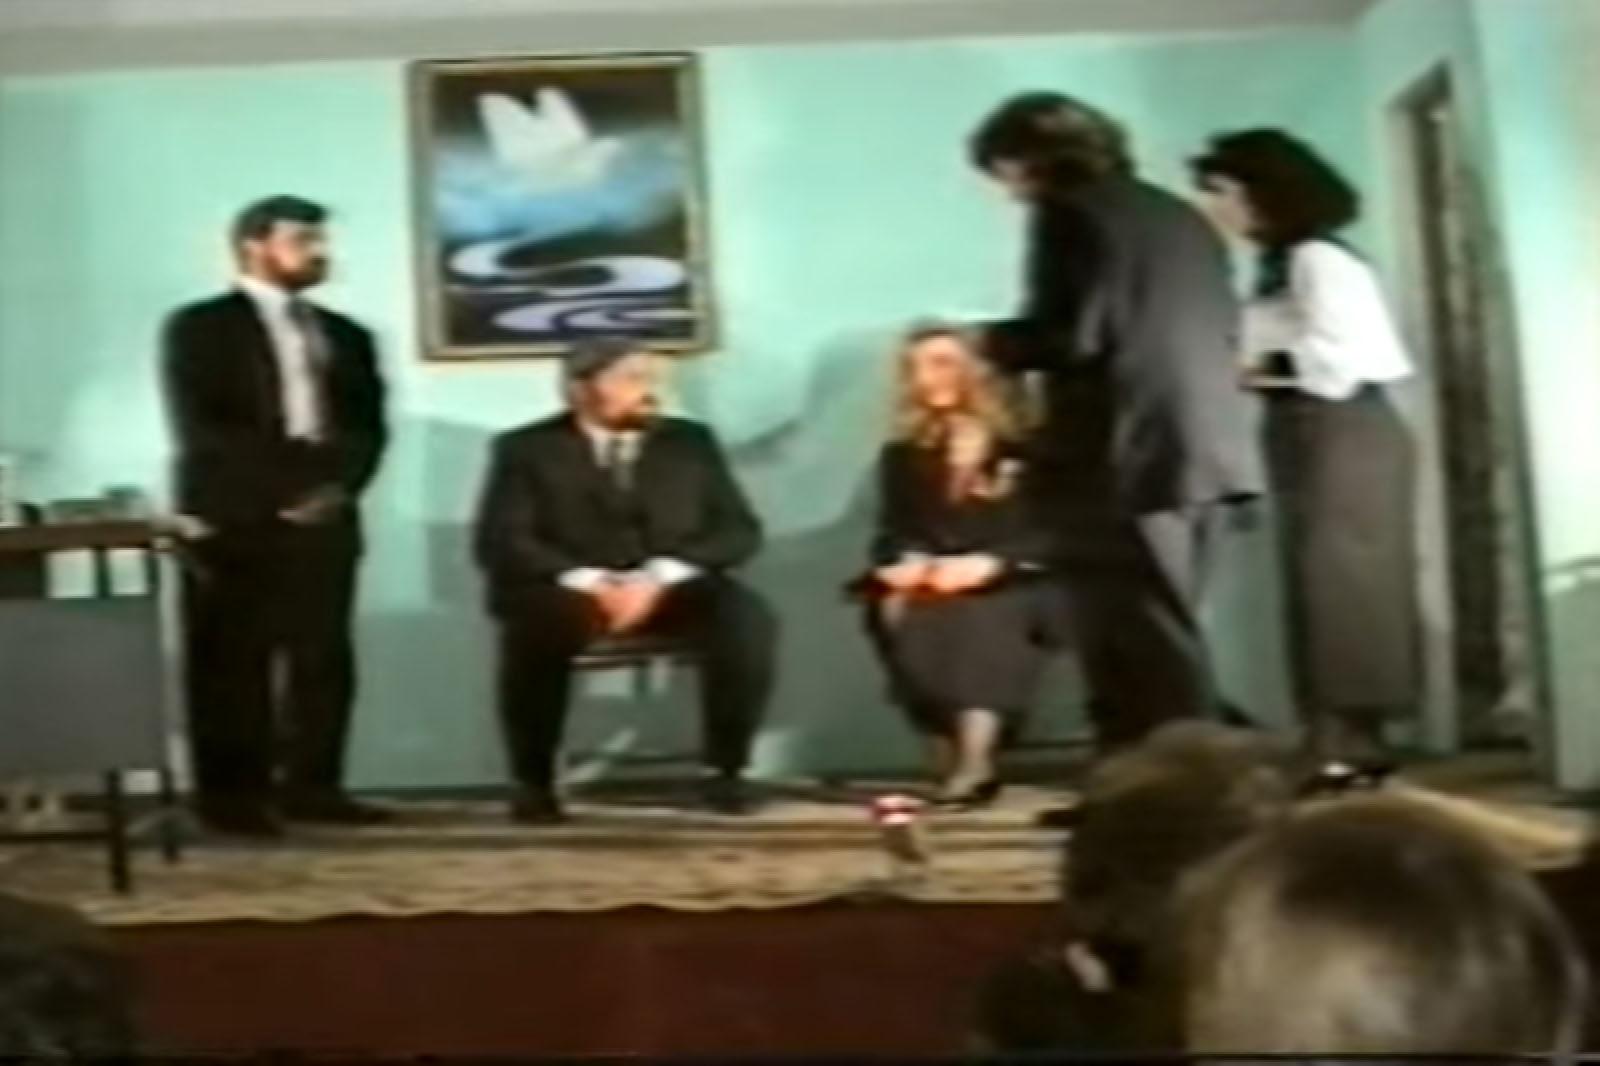 ΘΕΑΤΡΙΚΗ ΠΑΡΑΣΤΑΣΗ Ο ΕΑΥΤΟΥΛΗΣ ΜΟΥ 1992